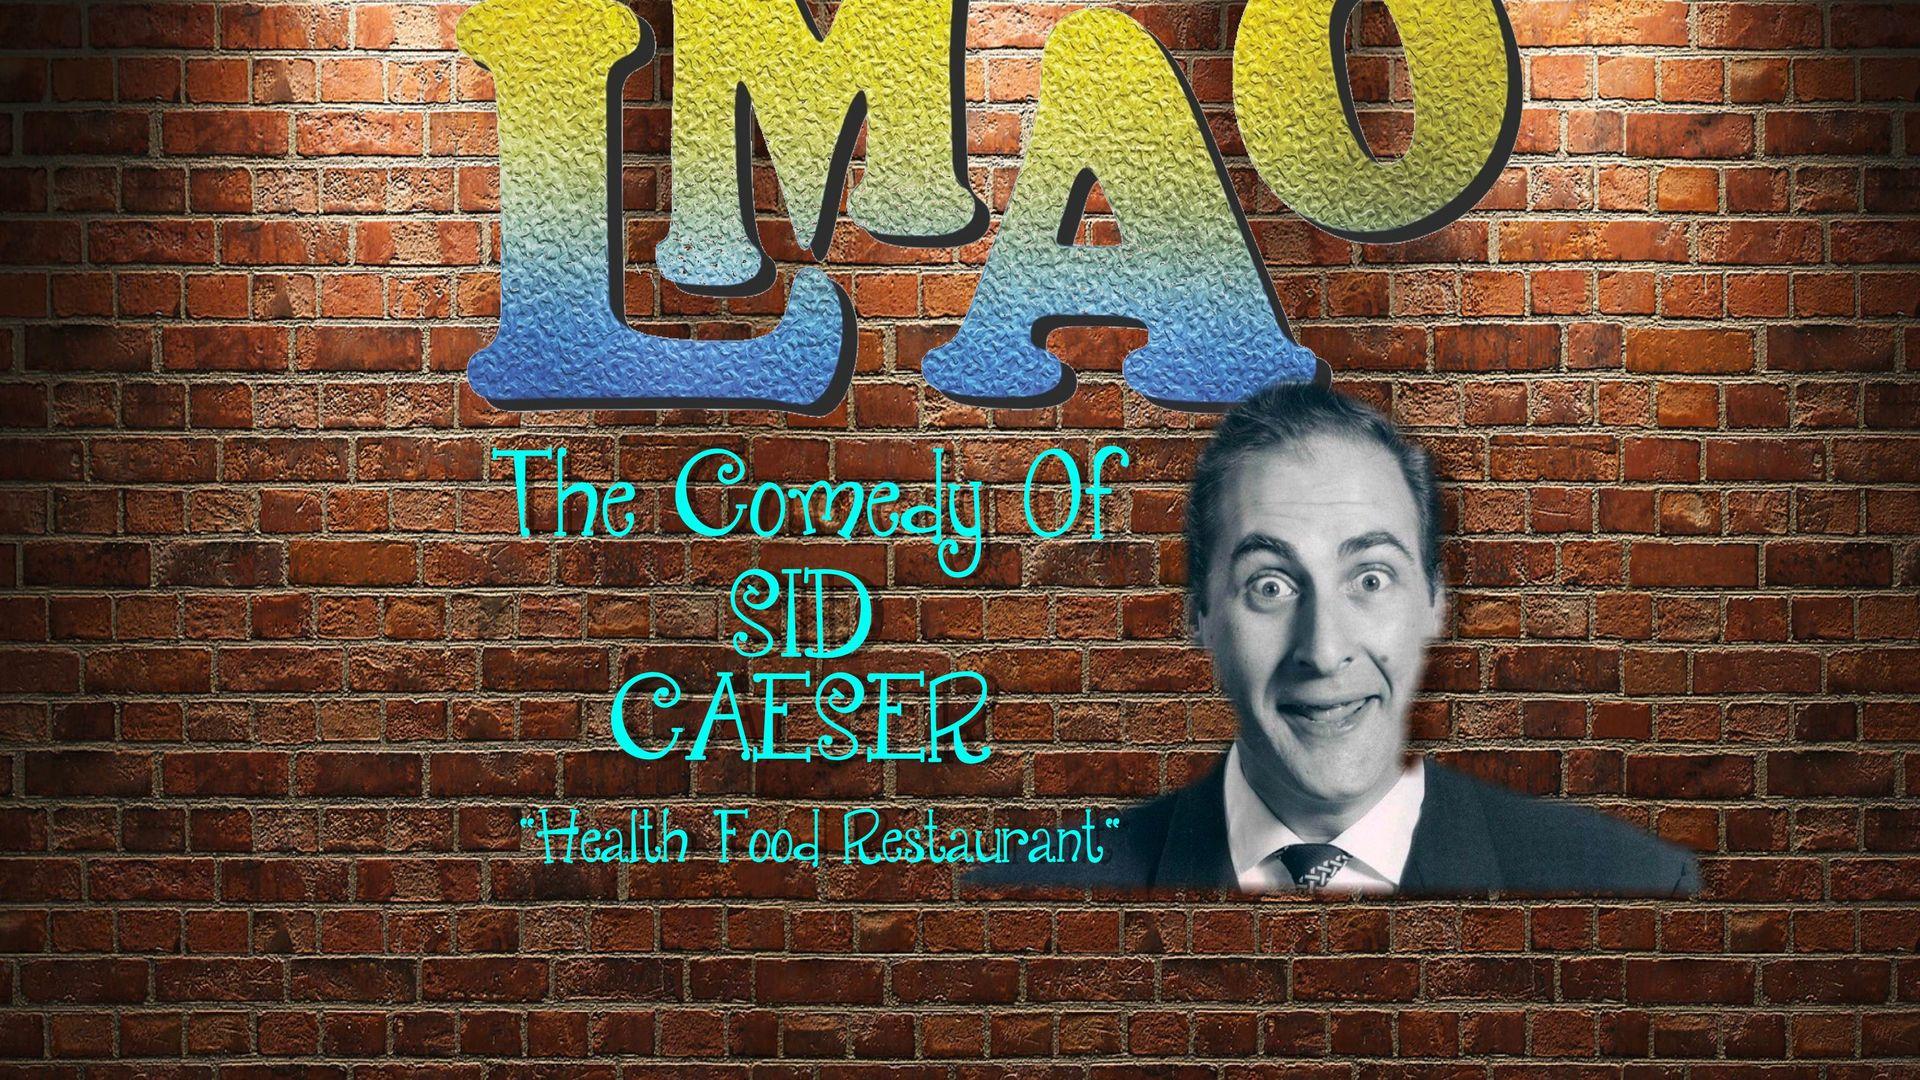 LMAO - Comedy Classic